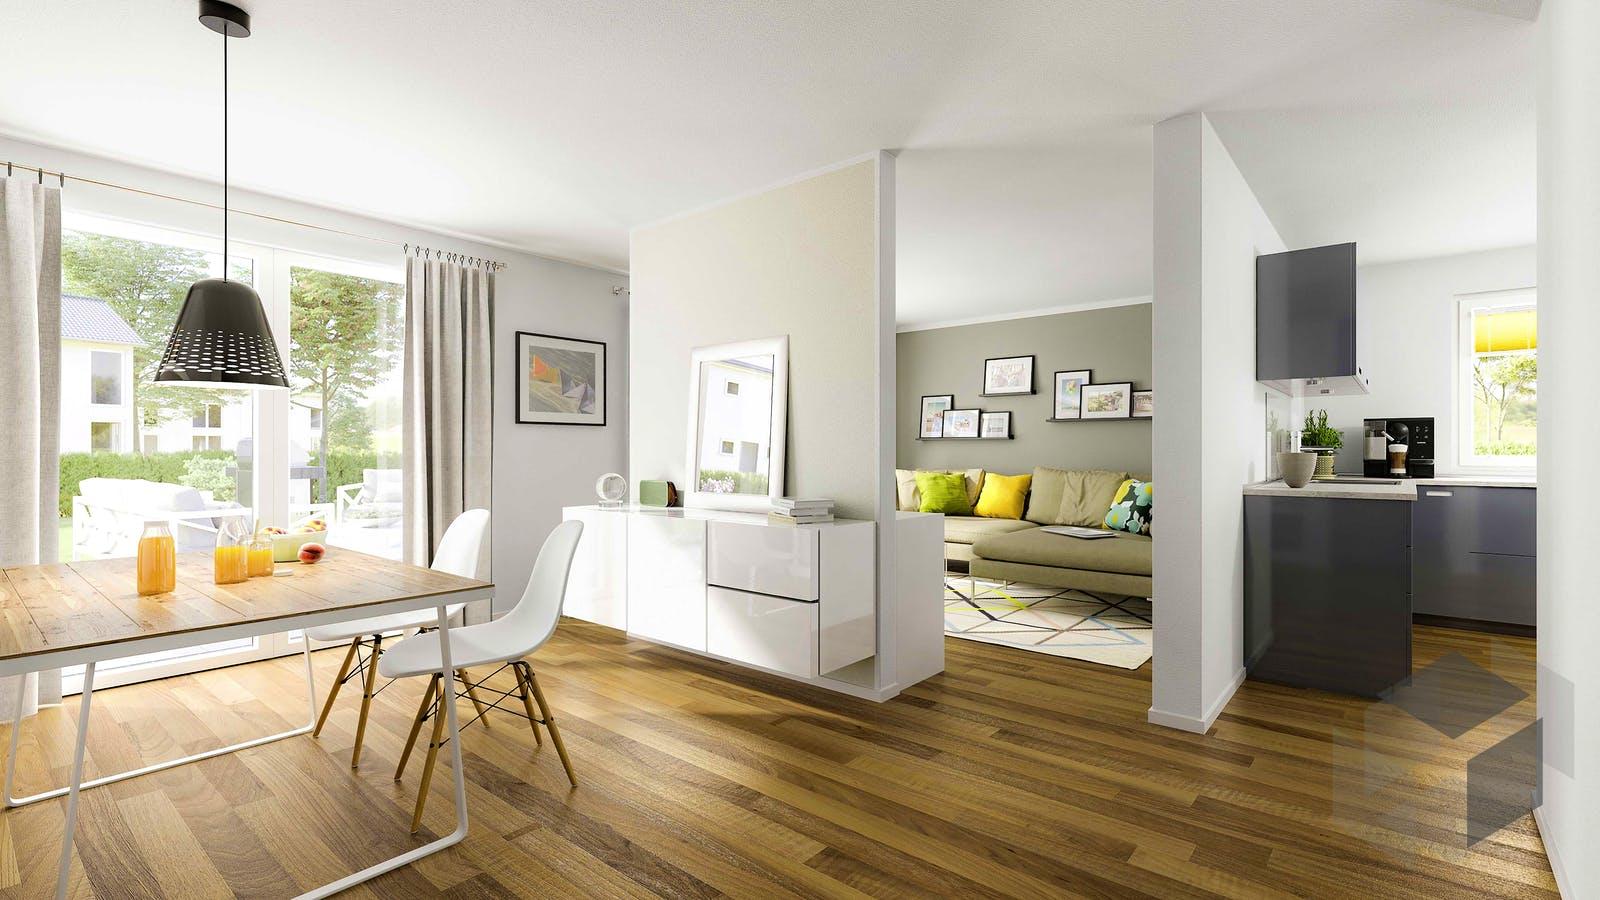 aura 125 von town country haus komplette daten bersicht. Black Bedroom Furniture Sets. Home Design Ideas